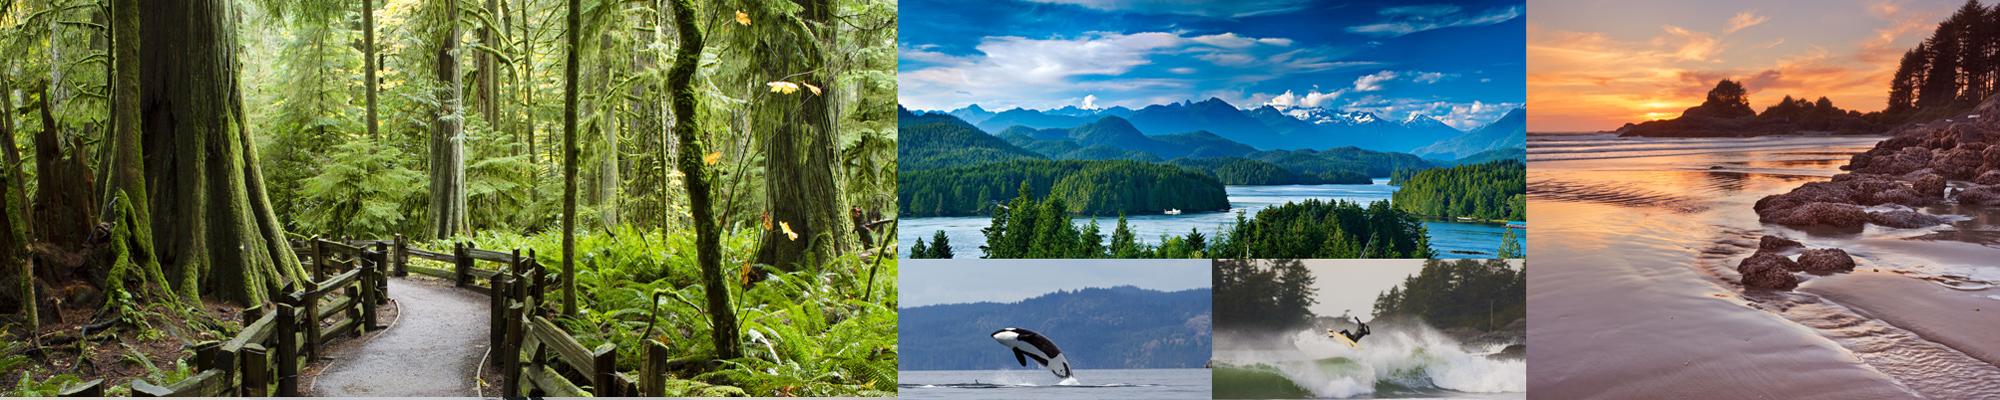 parco nazionale Pacific Rim Canada